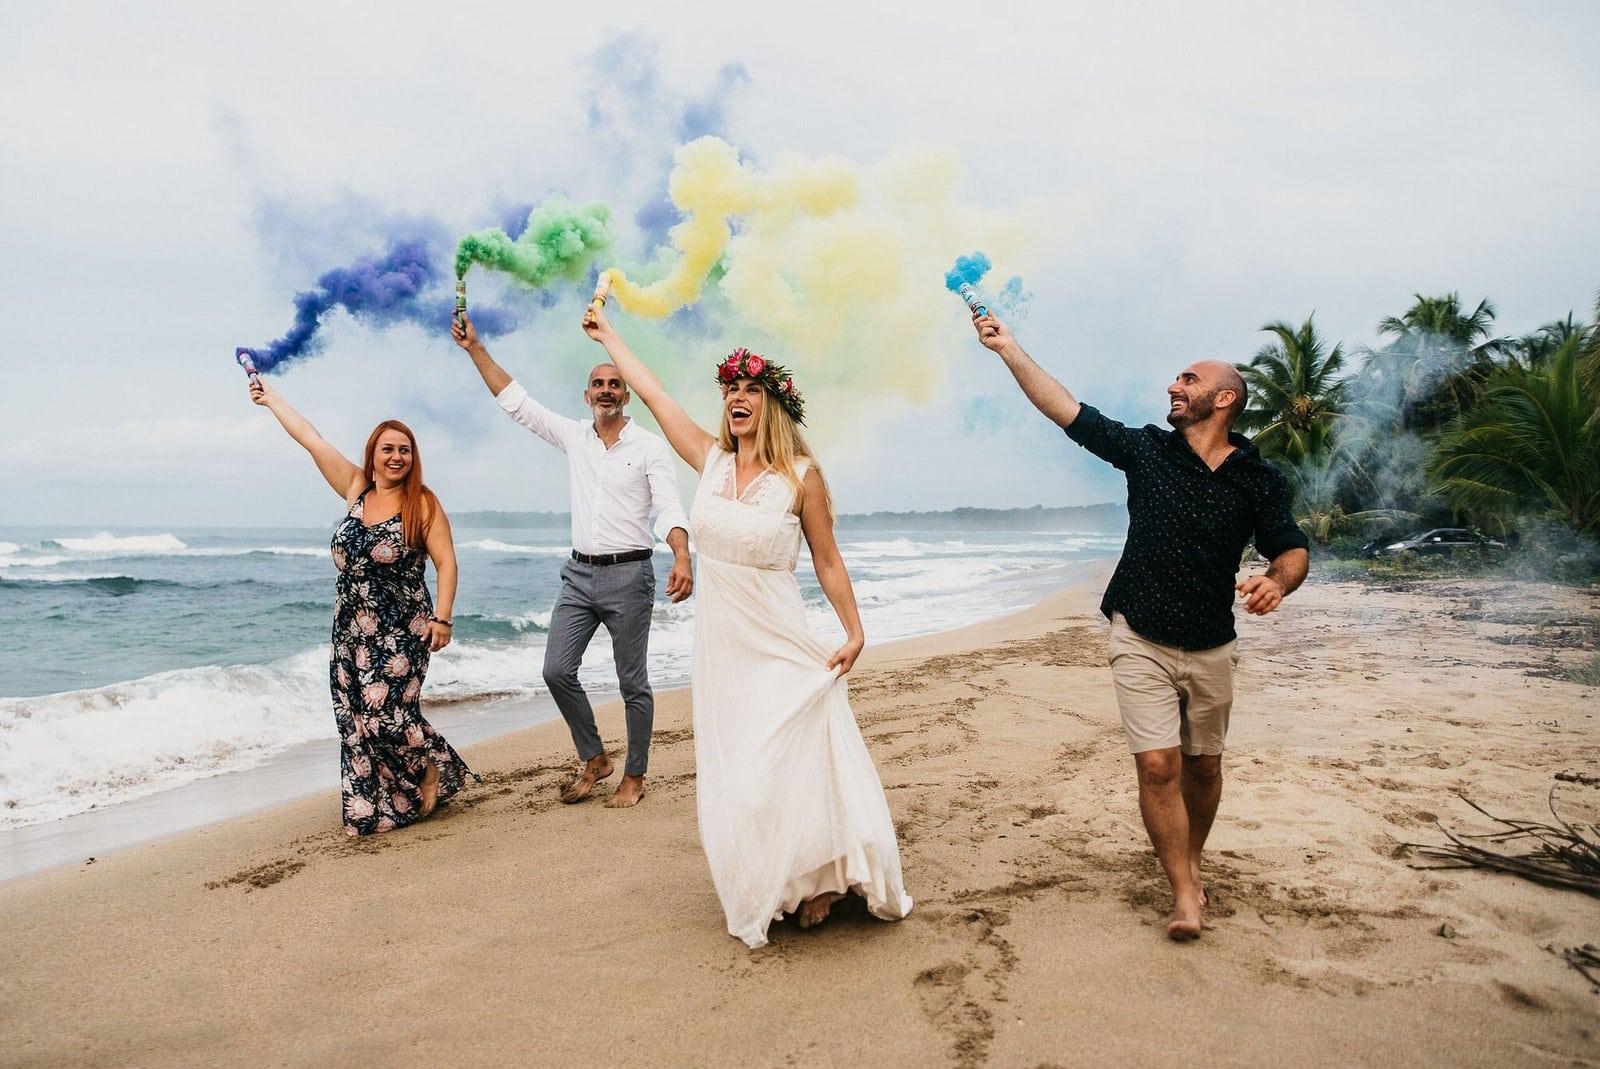 Costa Rica elopement wedding.